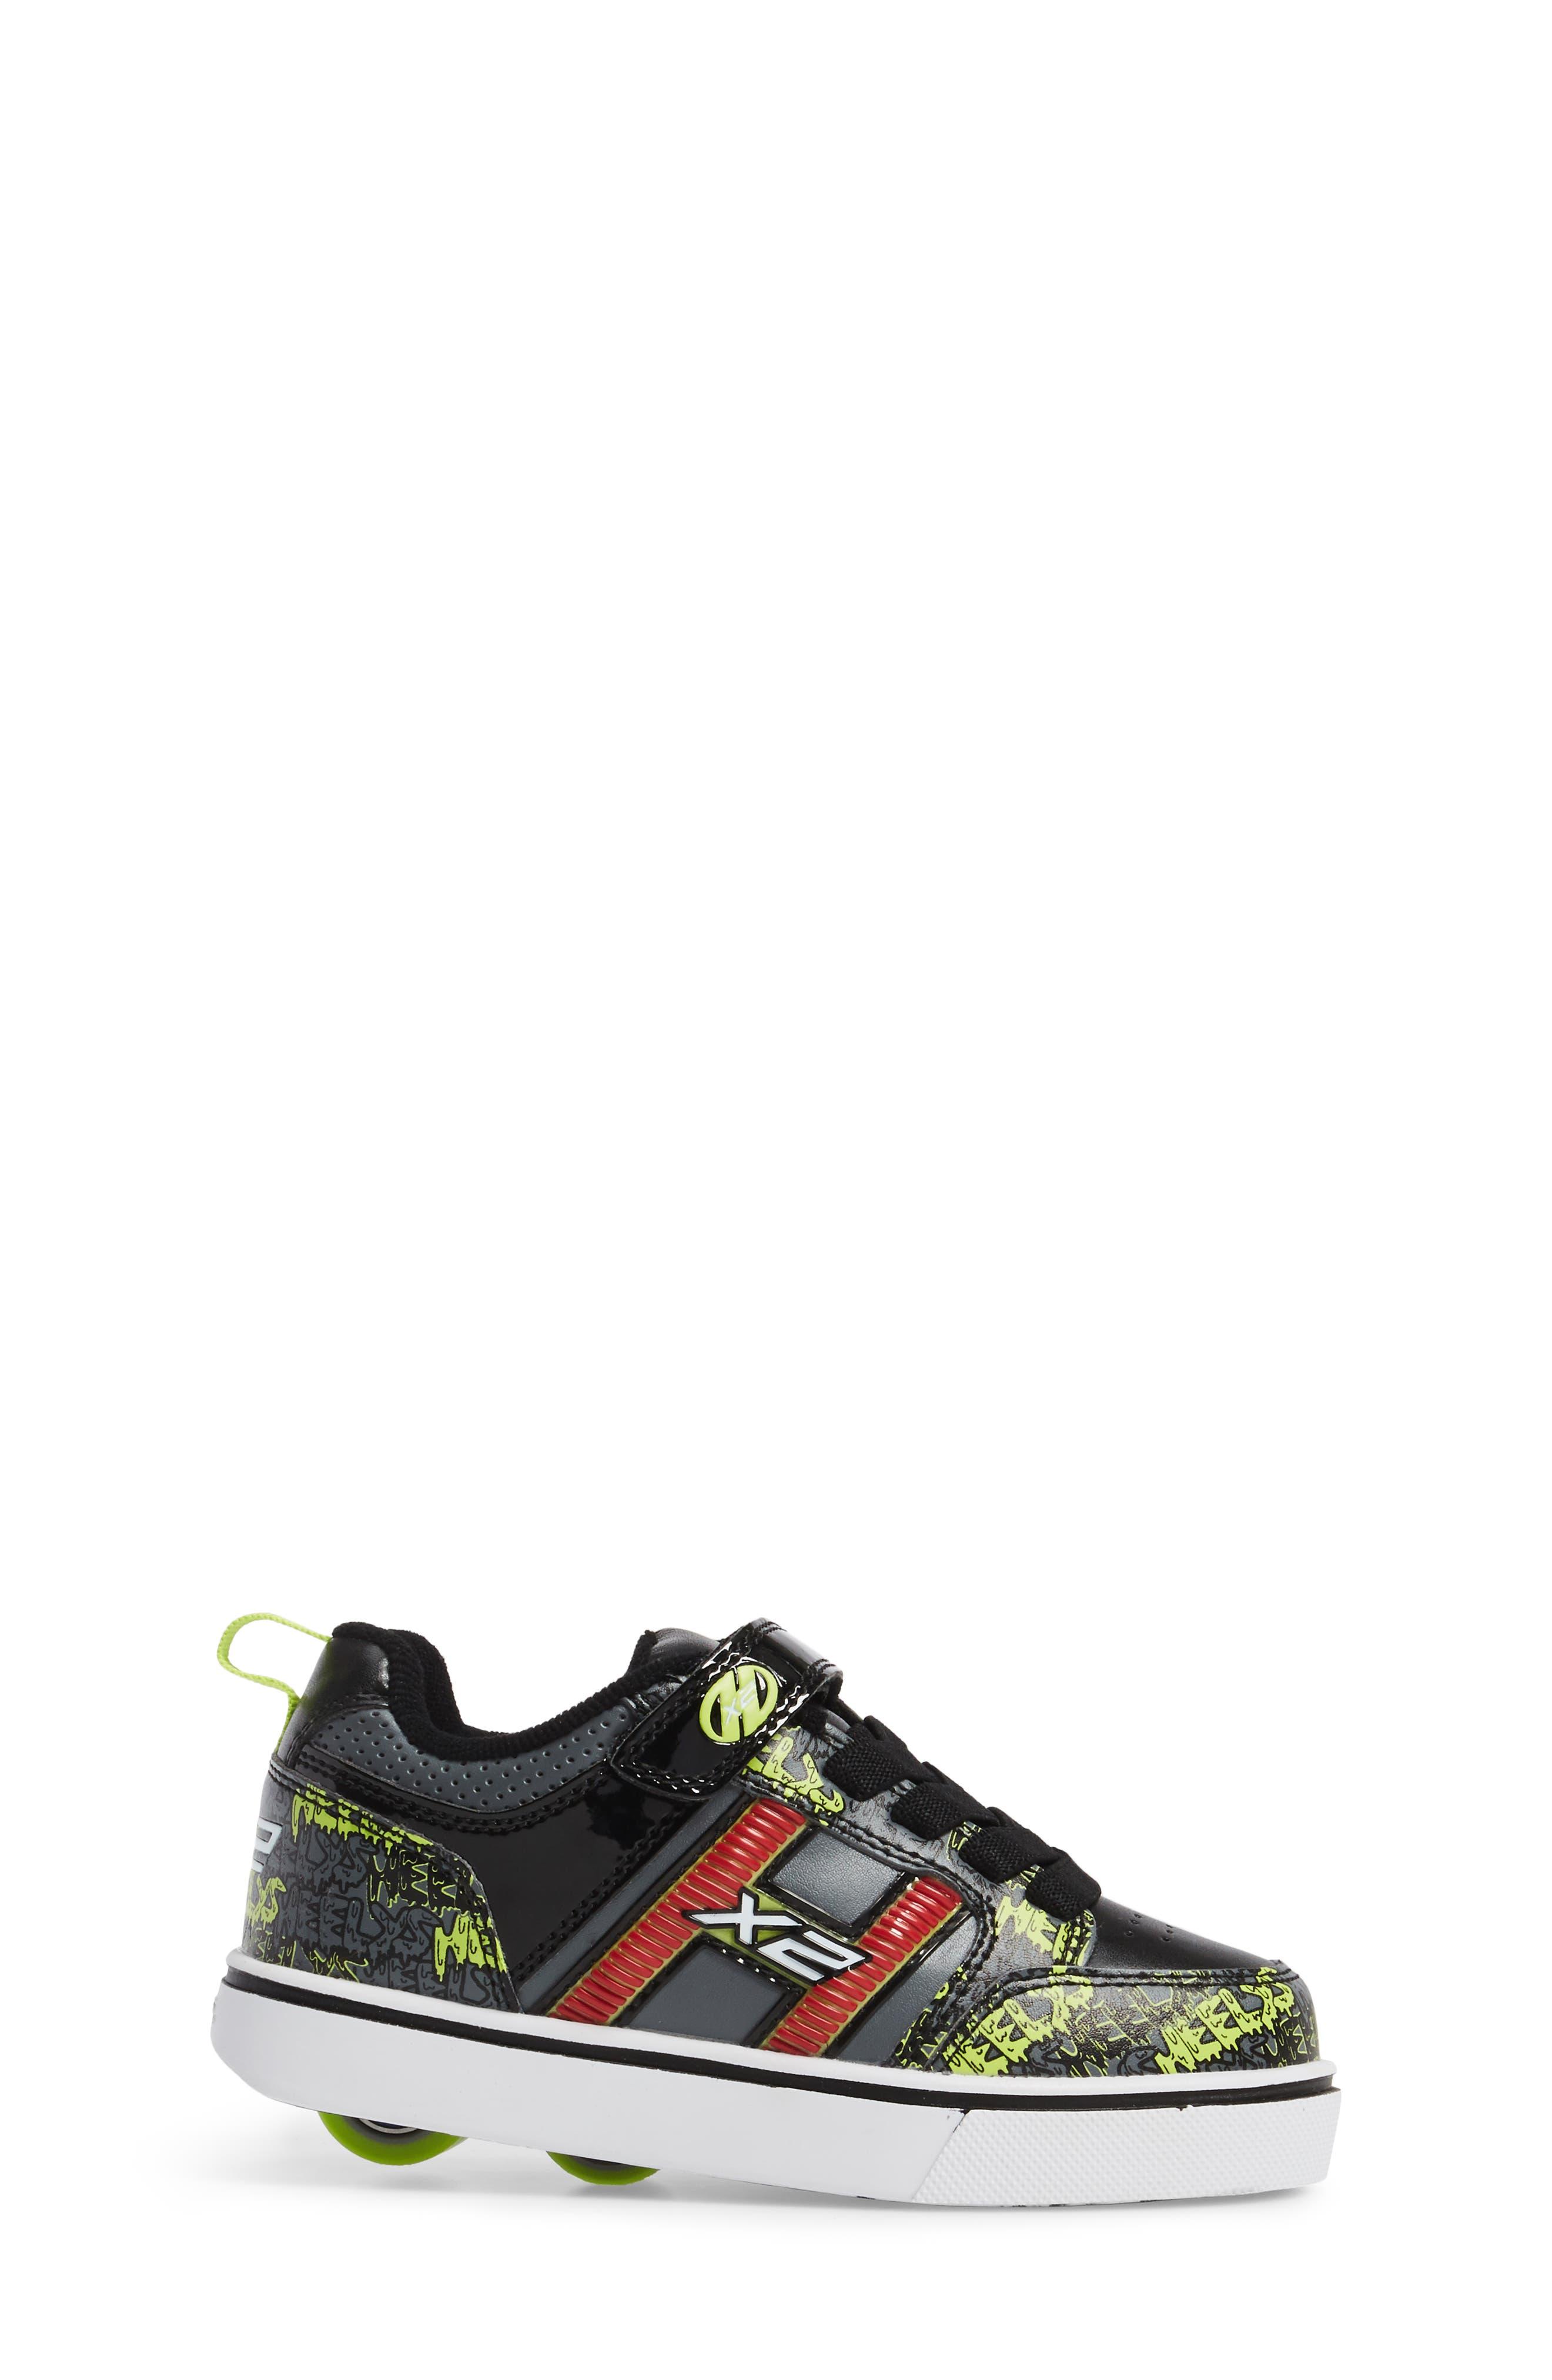 Alternate Image 3  - Heelys Bolt Light-Up Skate Shoe (Toddler & Little Kid)